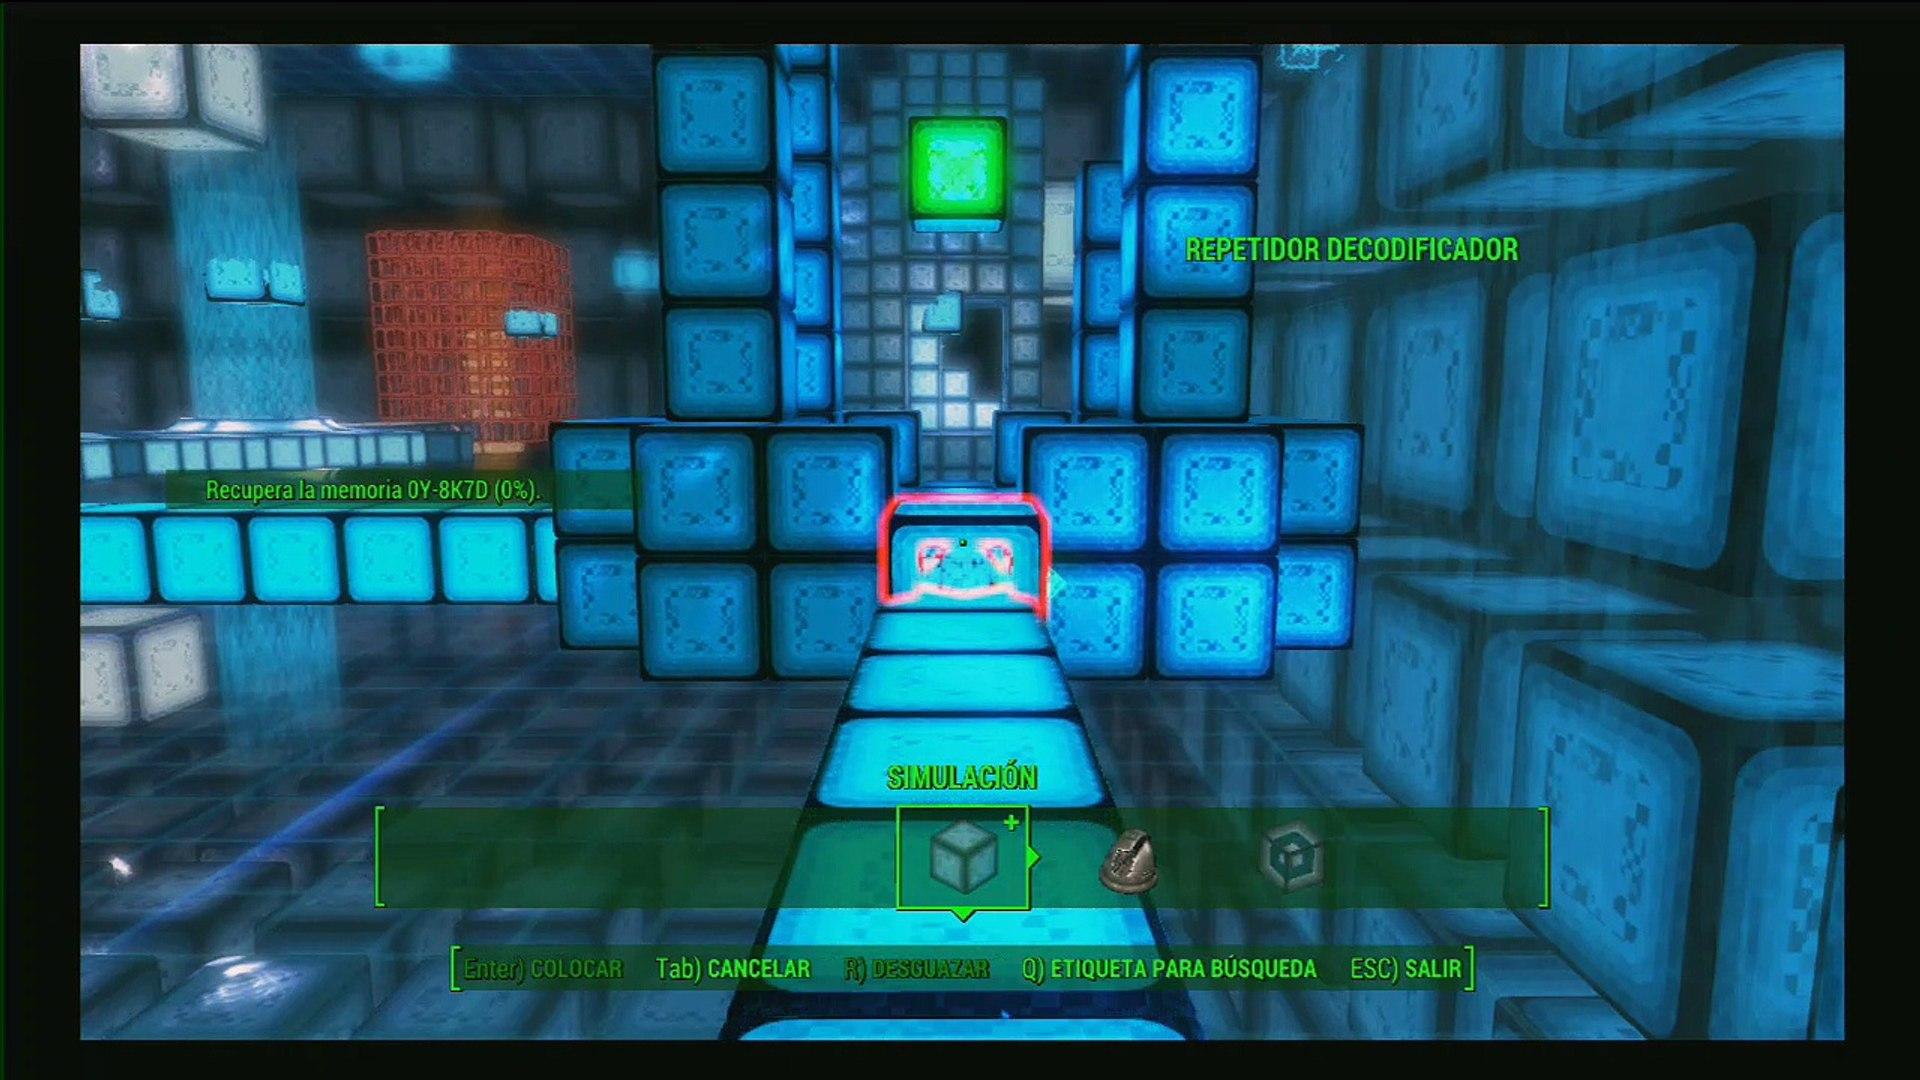 Fallout 4 gameplay Español parte 111, Far Harbor DLC, La simulacion 5 para recuperar la memoria